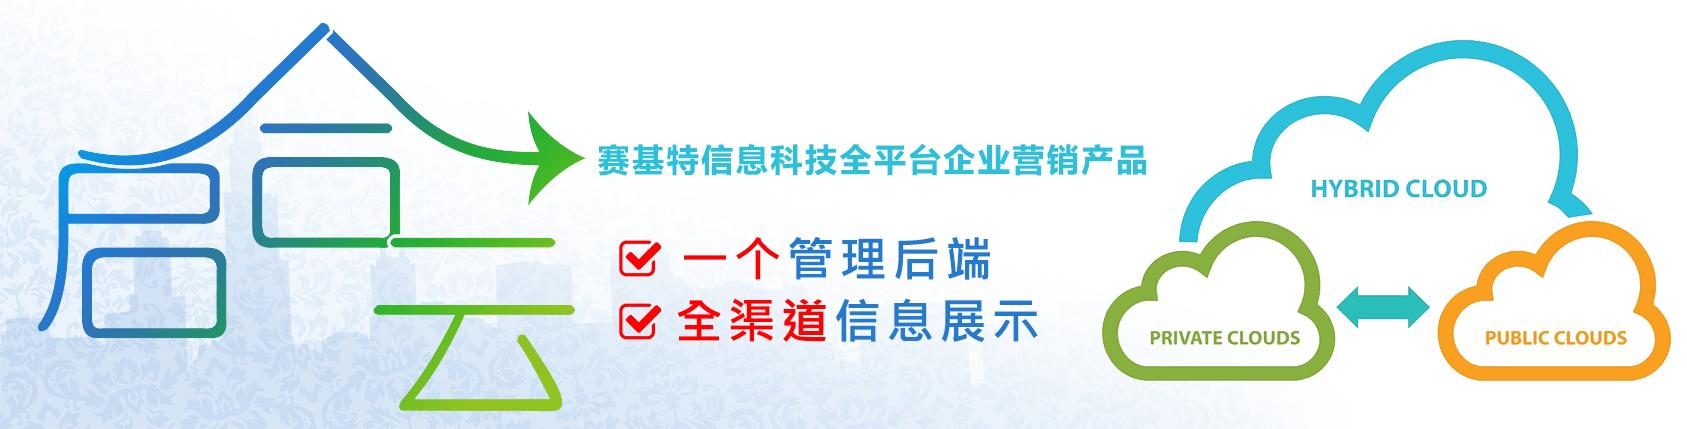 启合云-赛基特信息科技